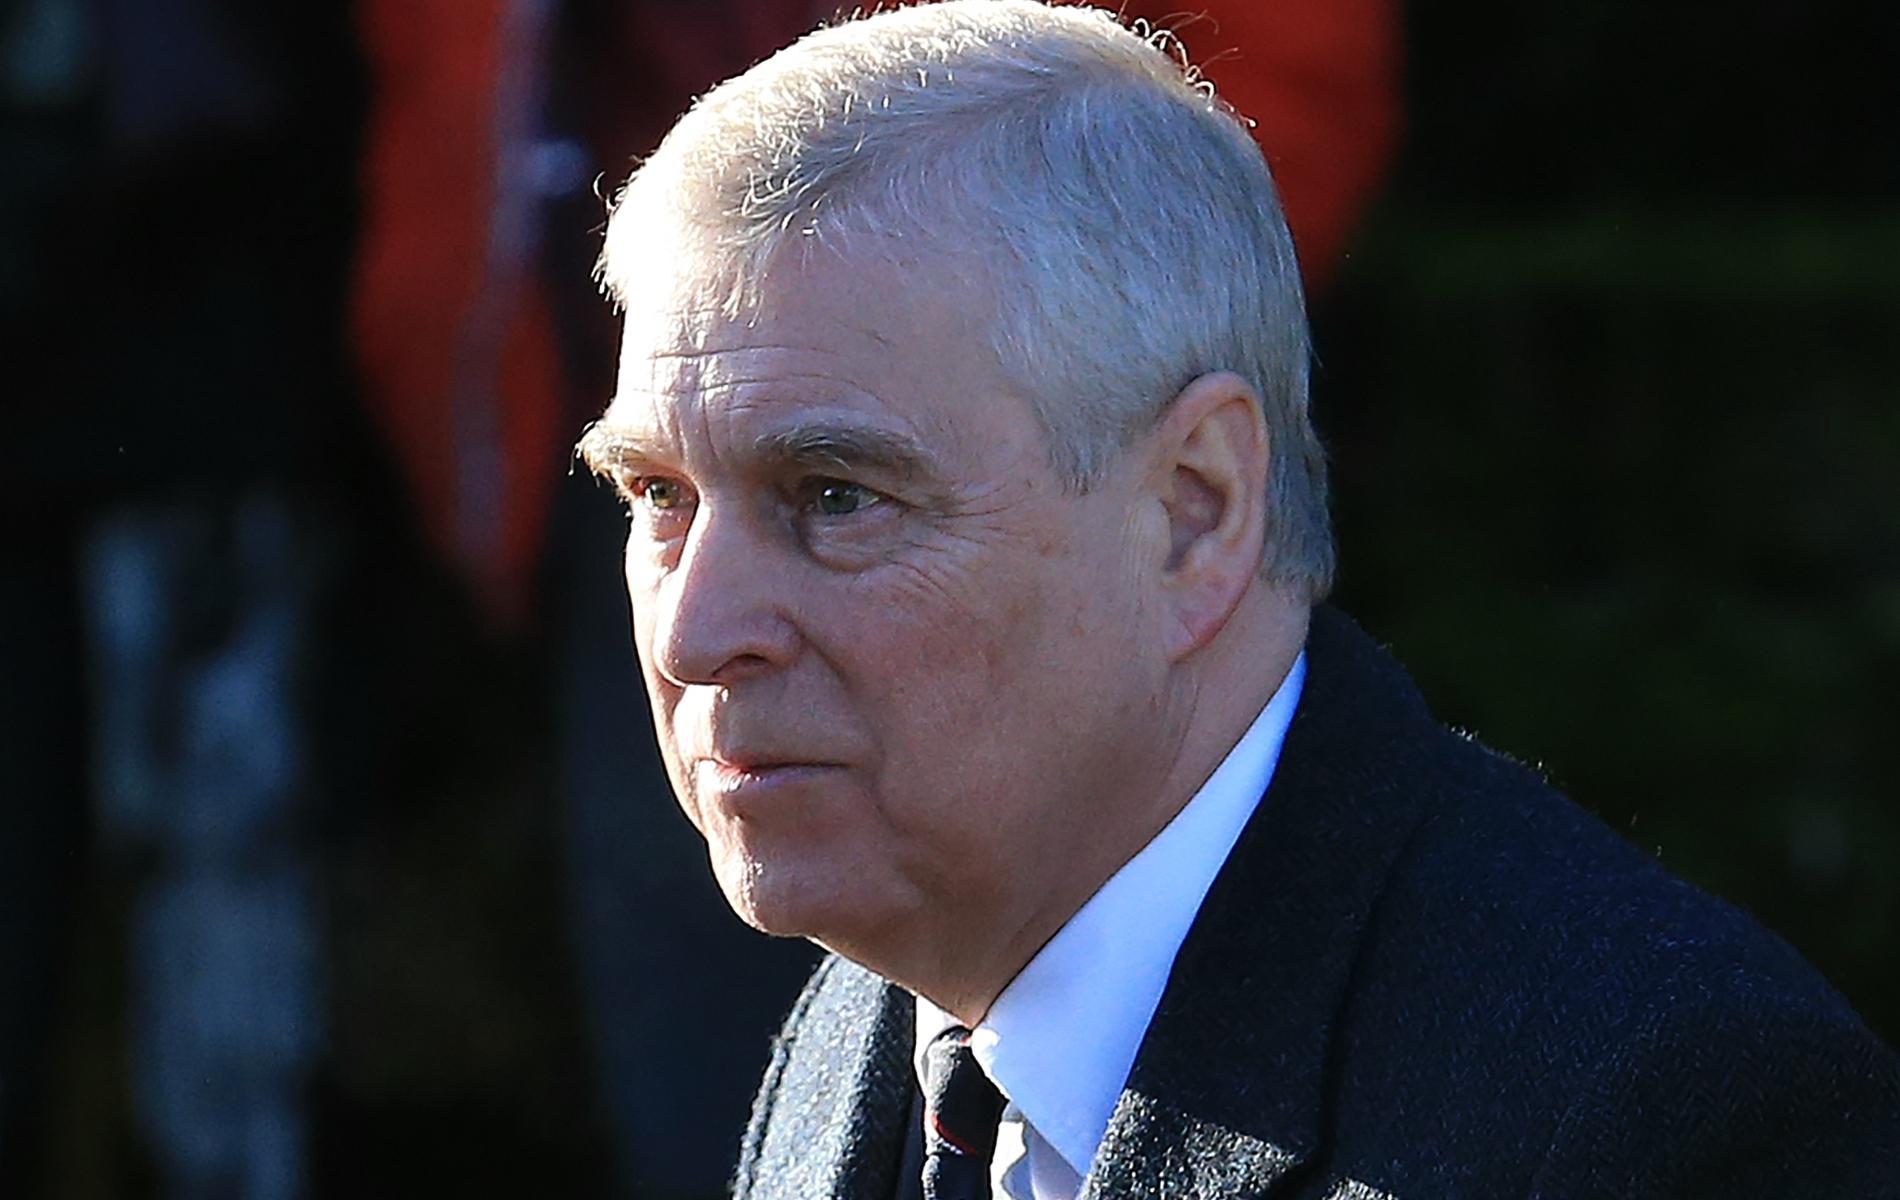 Affaire Epstein: le procureur qui poursuivait le prince Andrew démis de ses fonctions